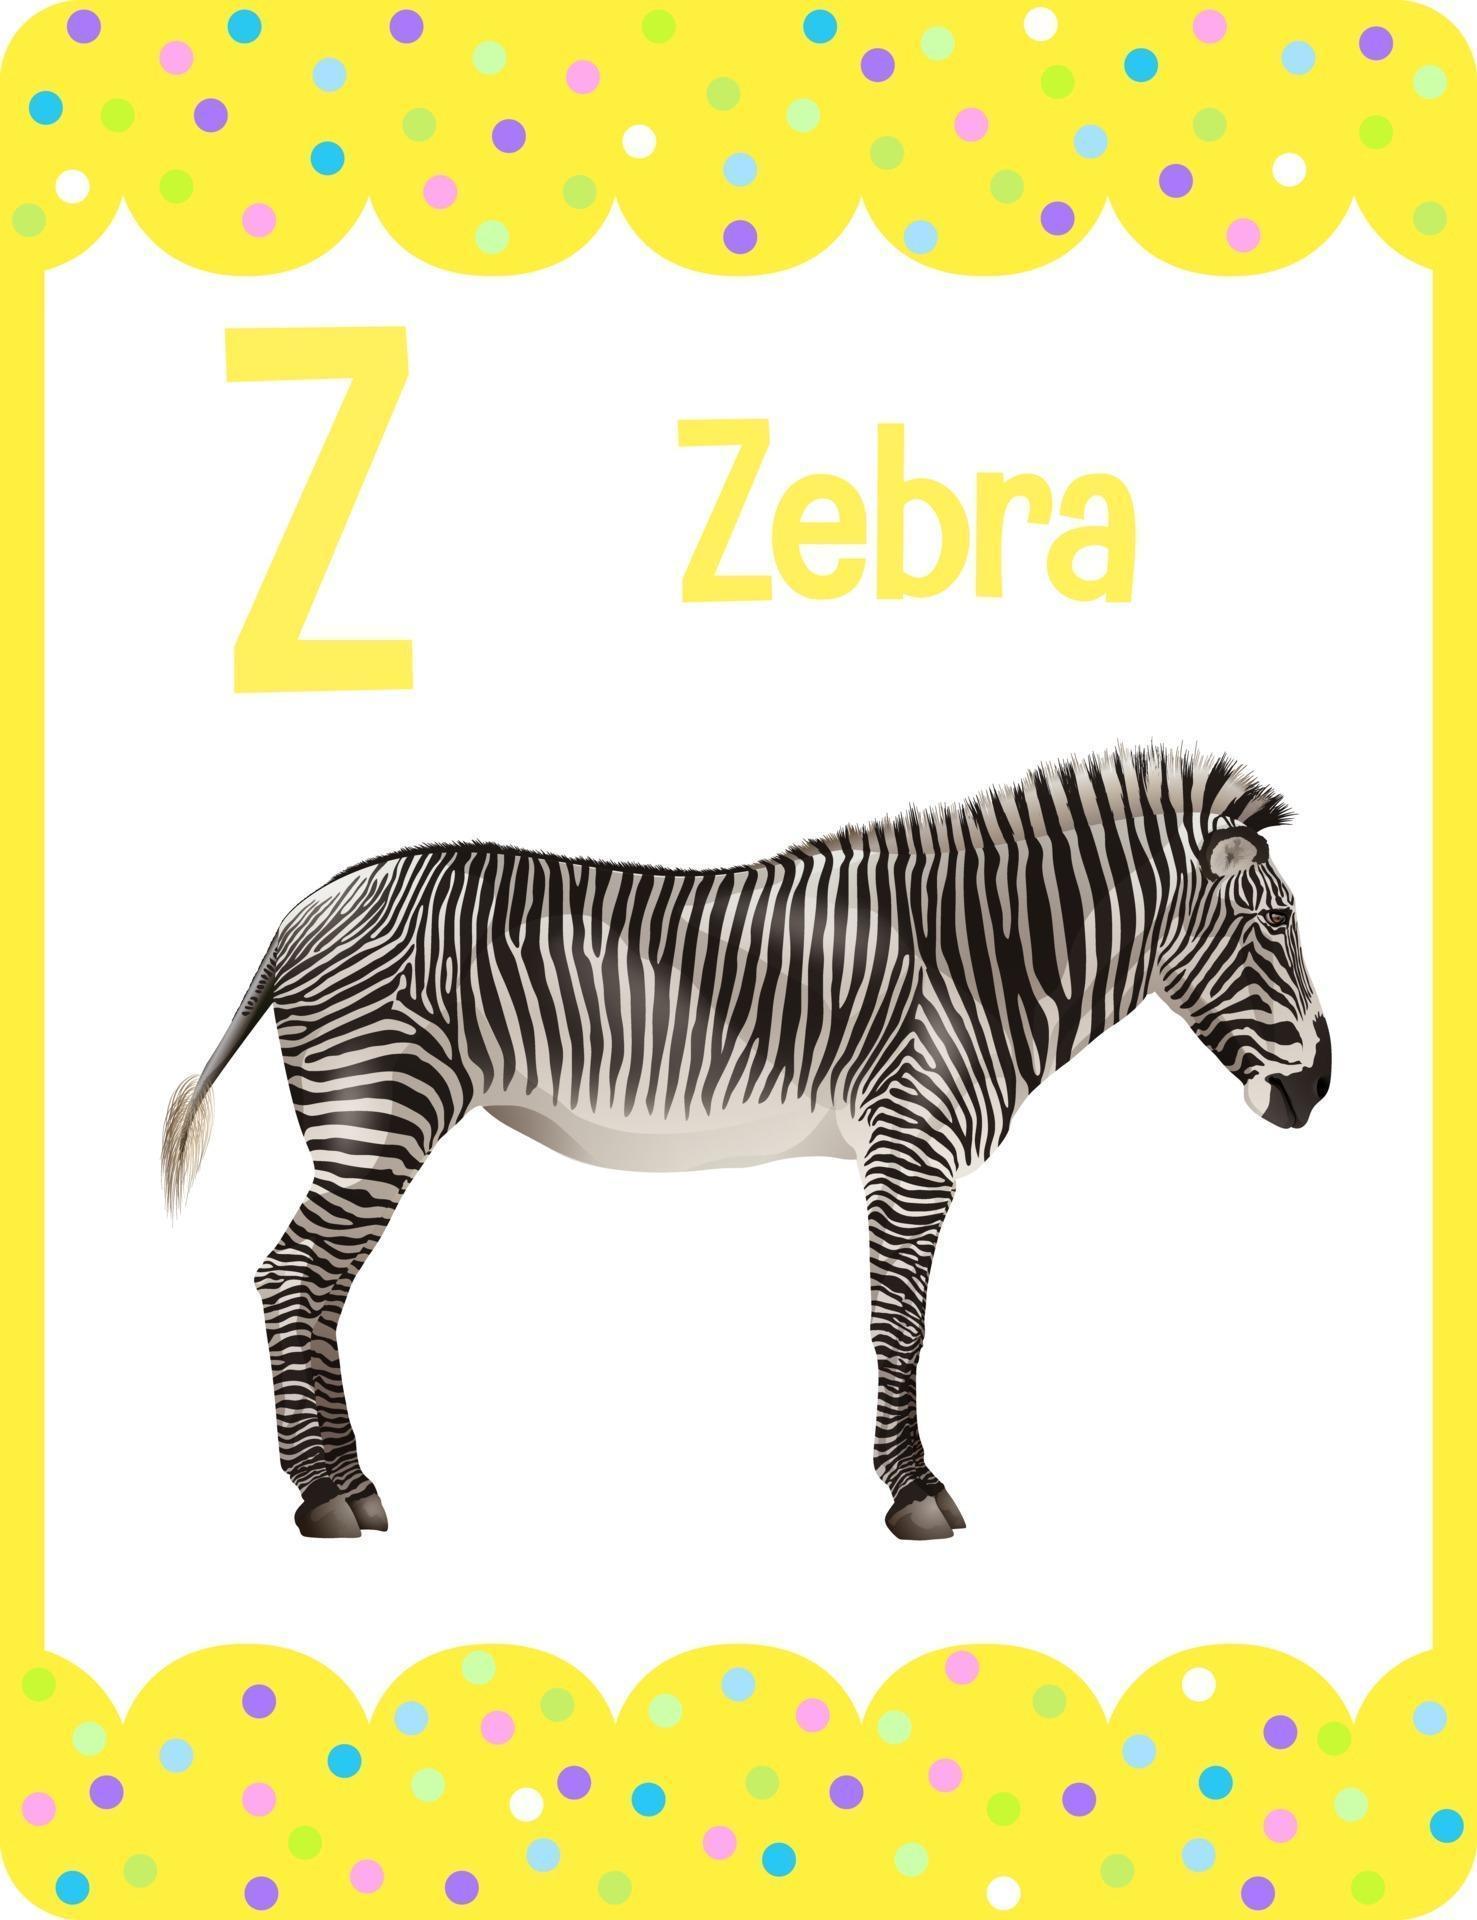 alphabet flashcard mit buchstaben z für zebra 2763823